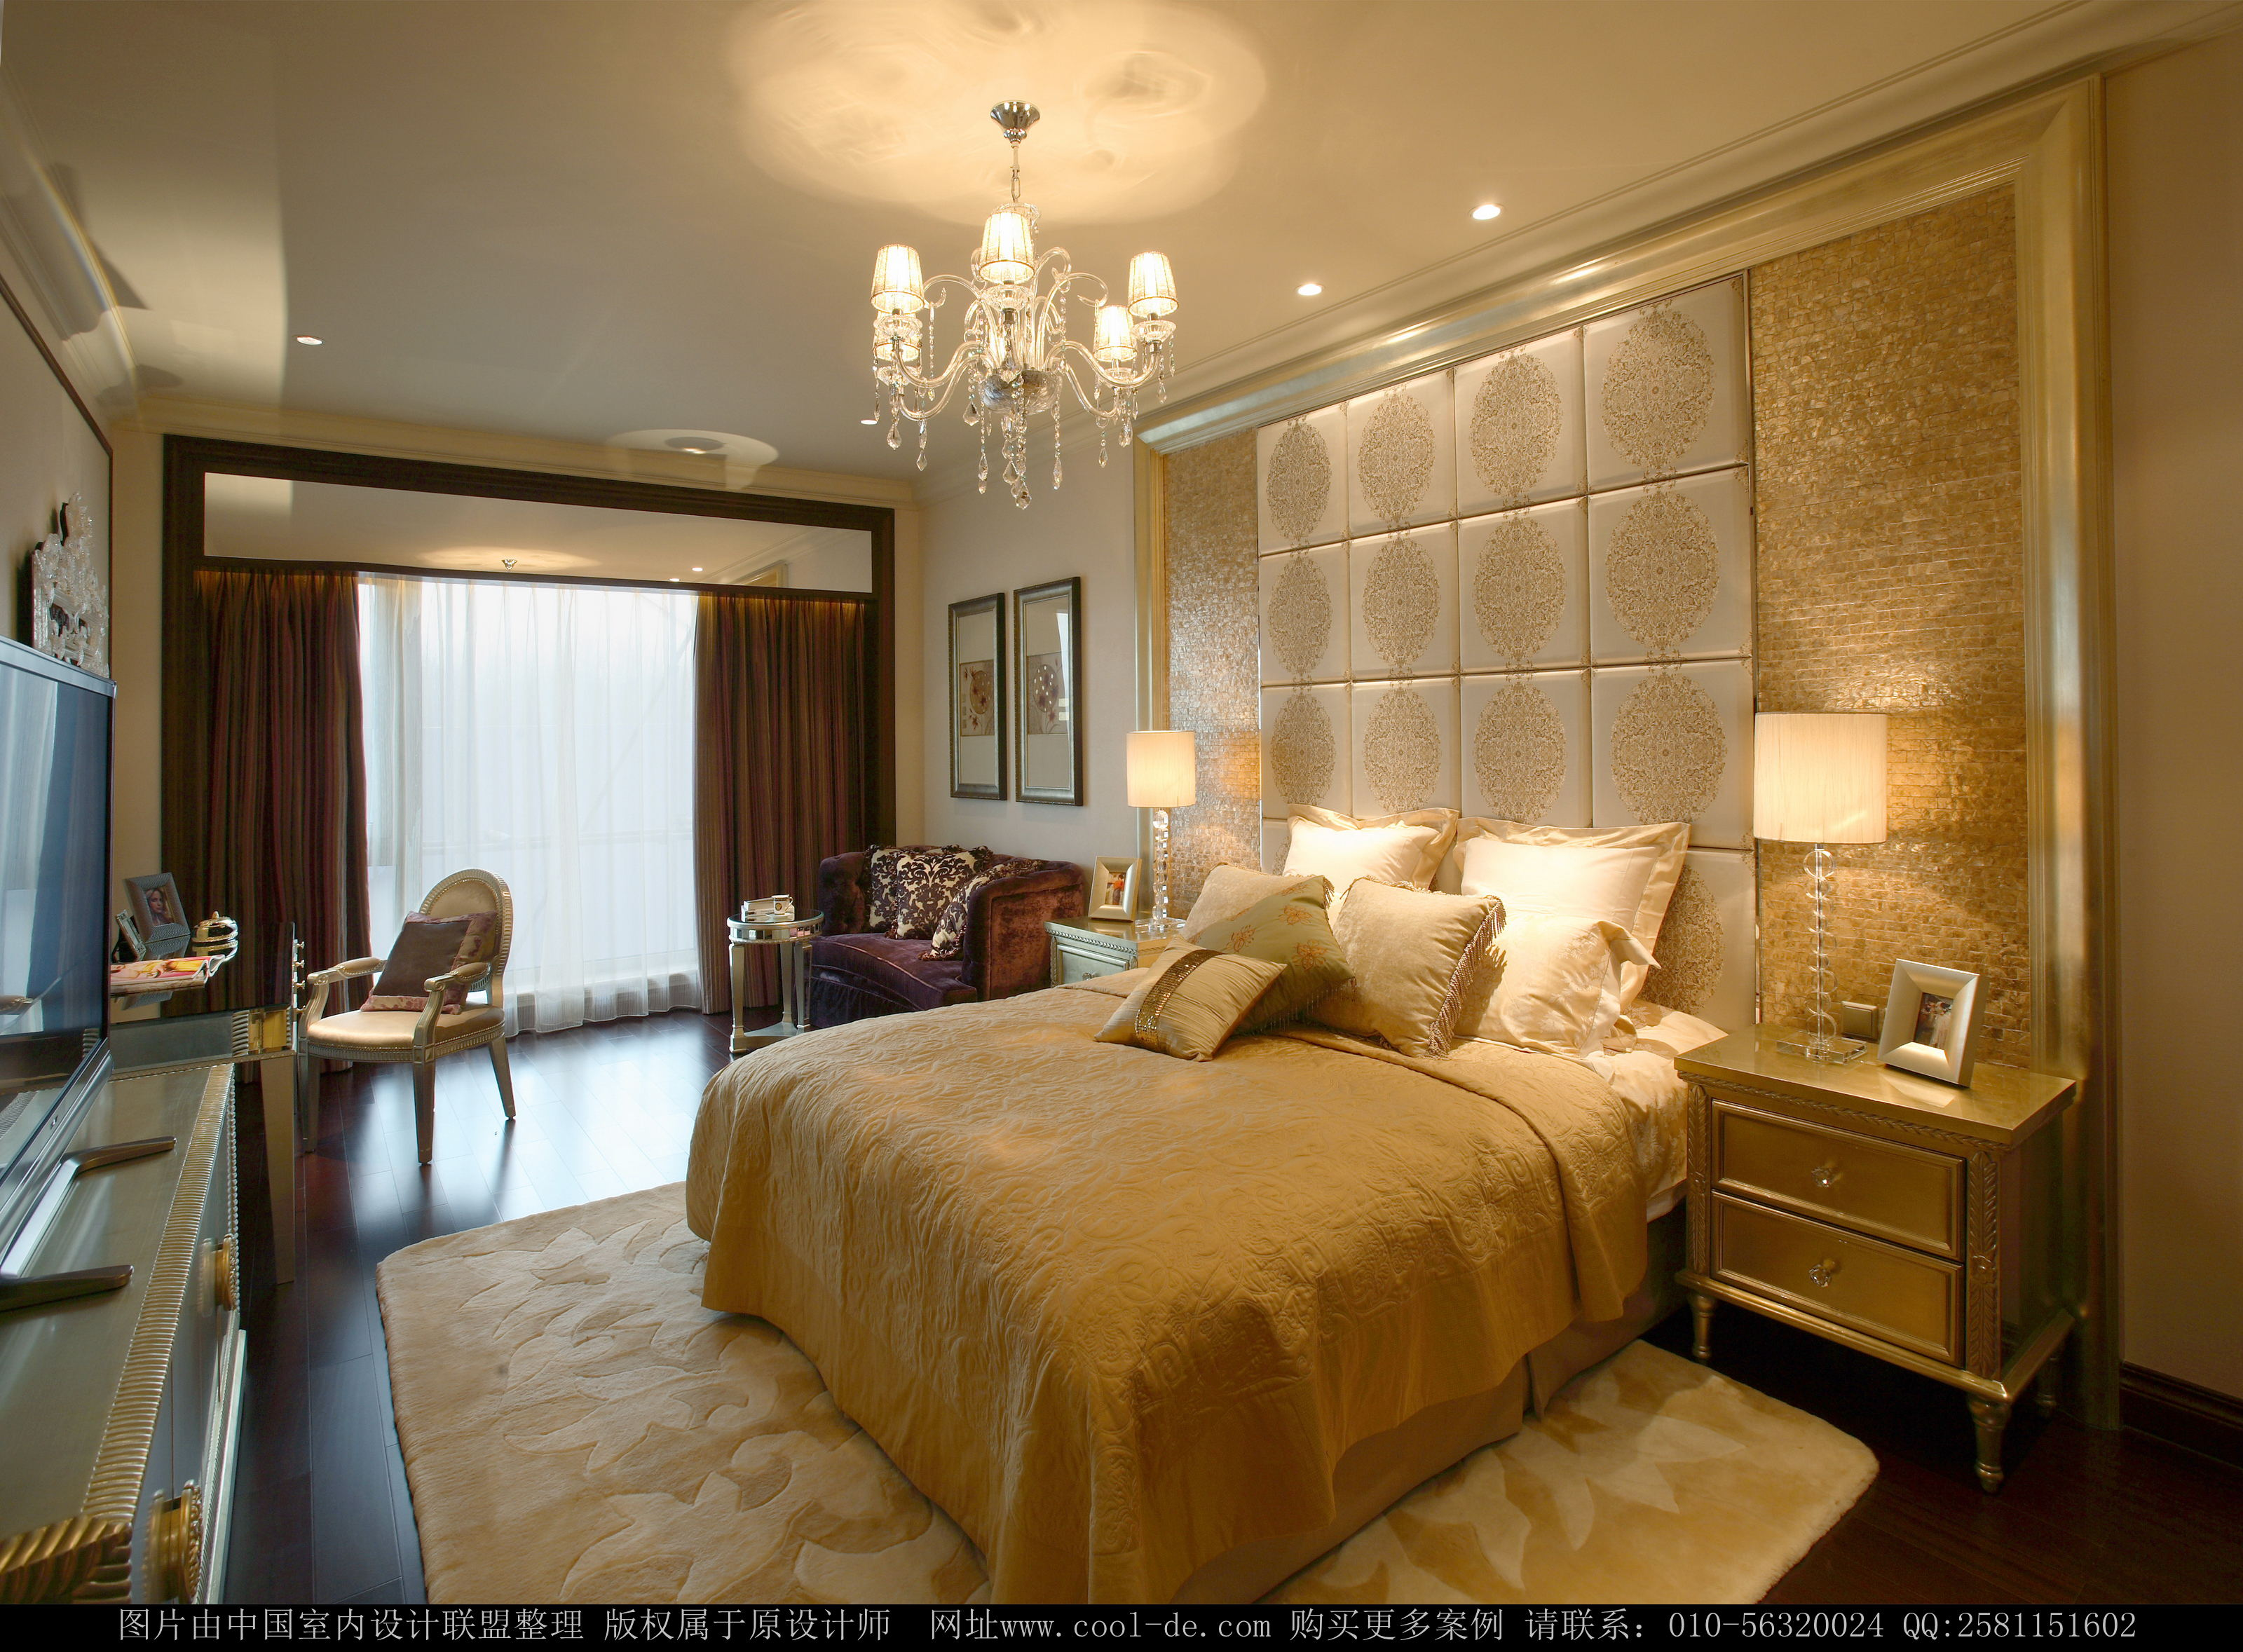 简约 欧式 别墅 卧室图片来自1043284585x在花水湾同福别墅的分享